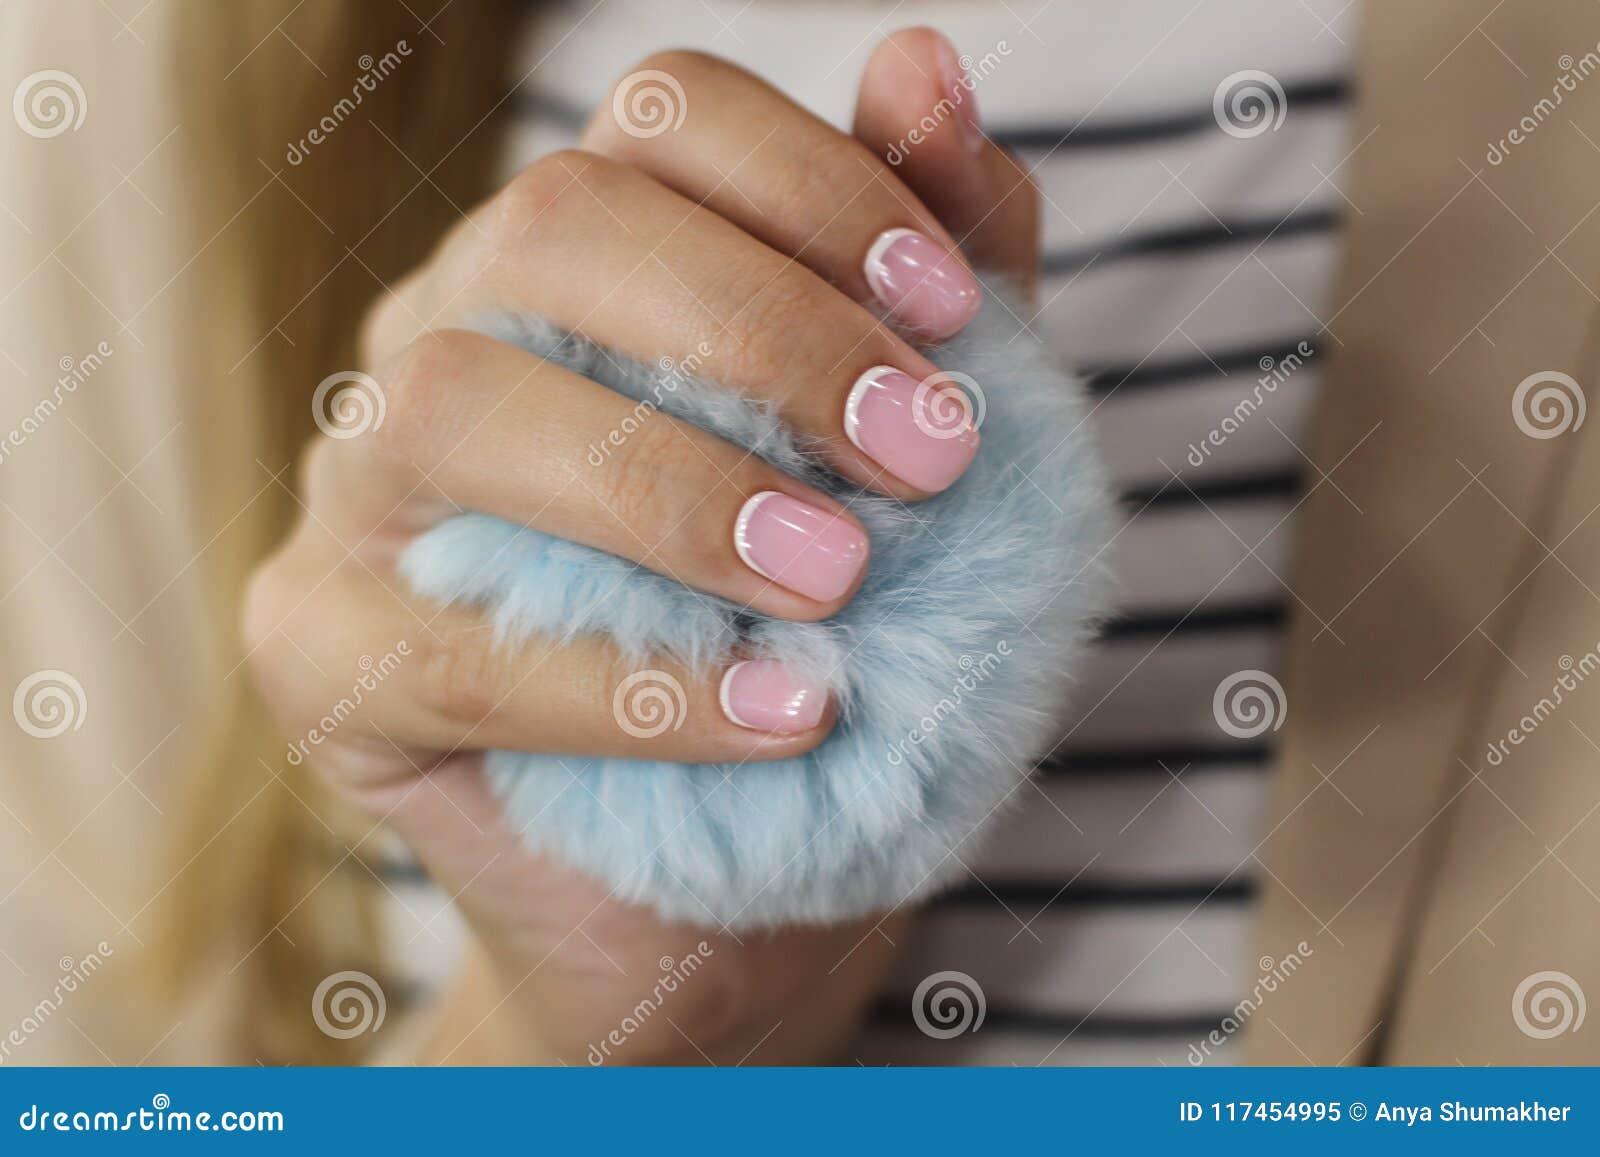 Schöne weibliche Hand mit Maniküre hält einen blauen flaumigen Ball Empfindlicher rosa Nagellack mit weißem crescentsand und wohl